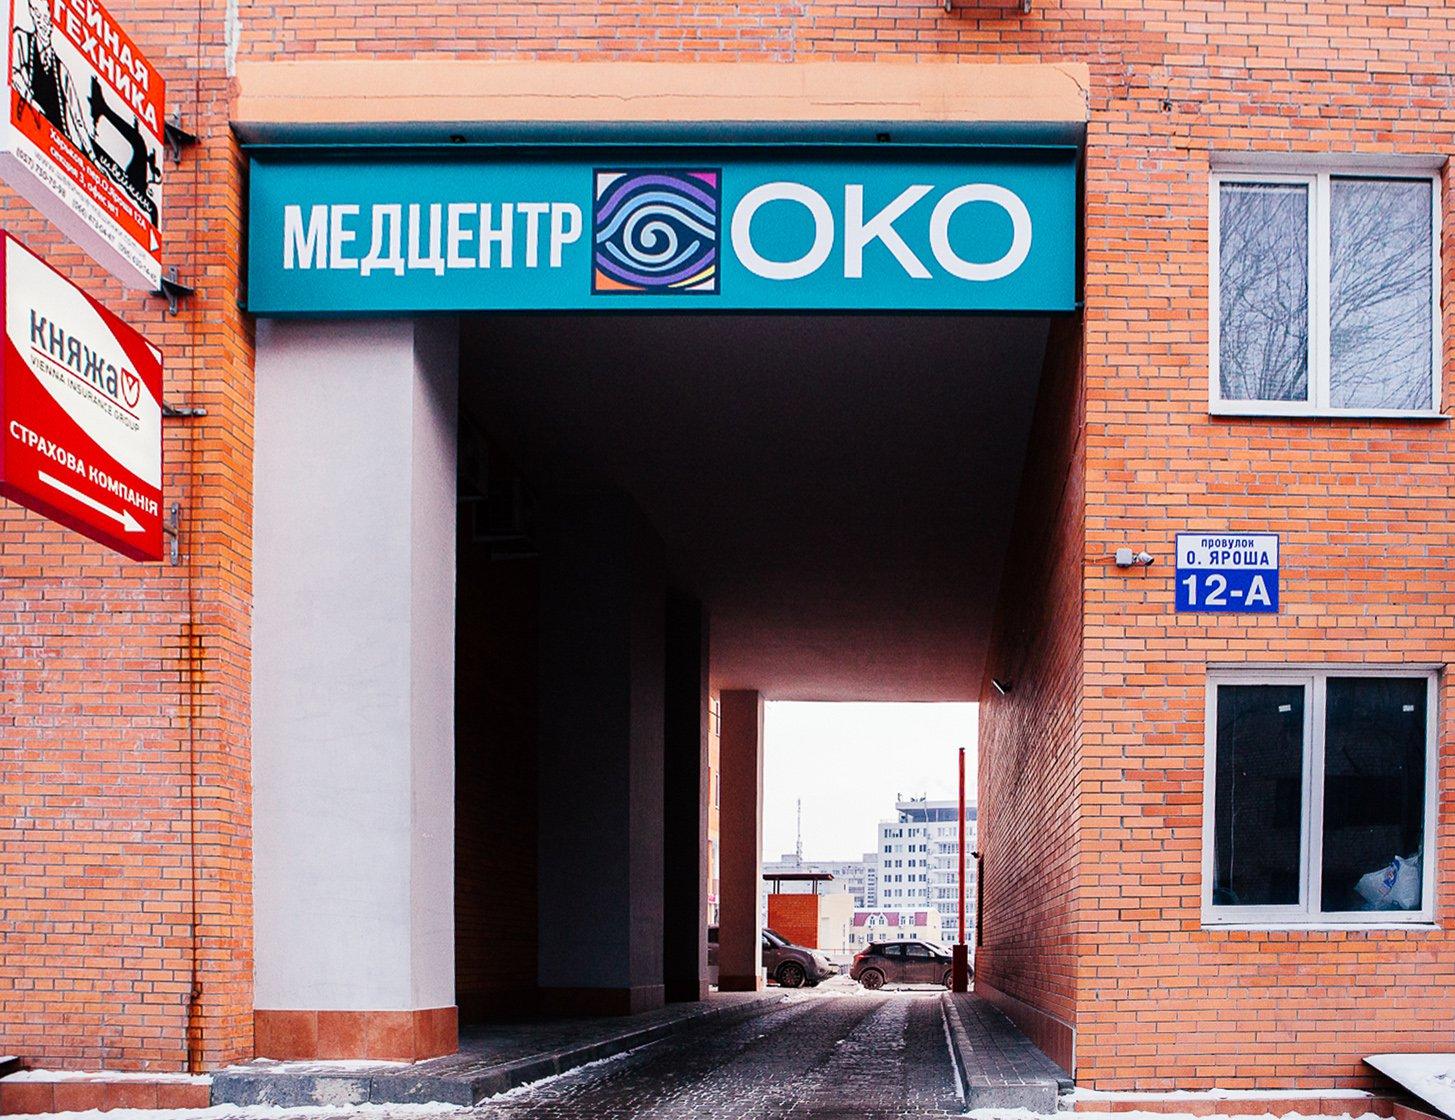 Медицинское учреждение Медицинский центр амбулаторной офтальмохирургии ОКО в Харькове на Отакара Яроша